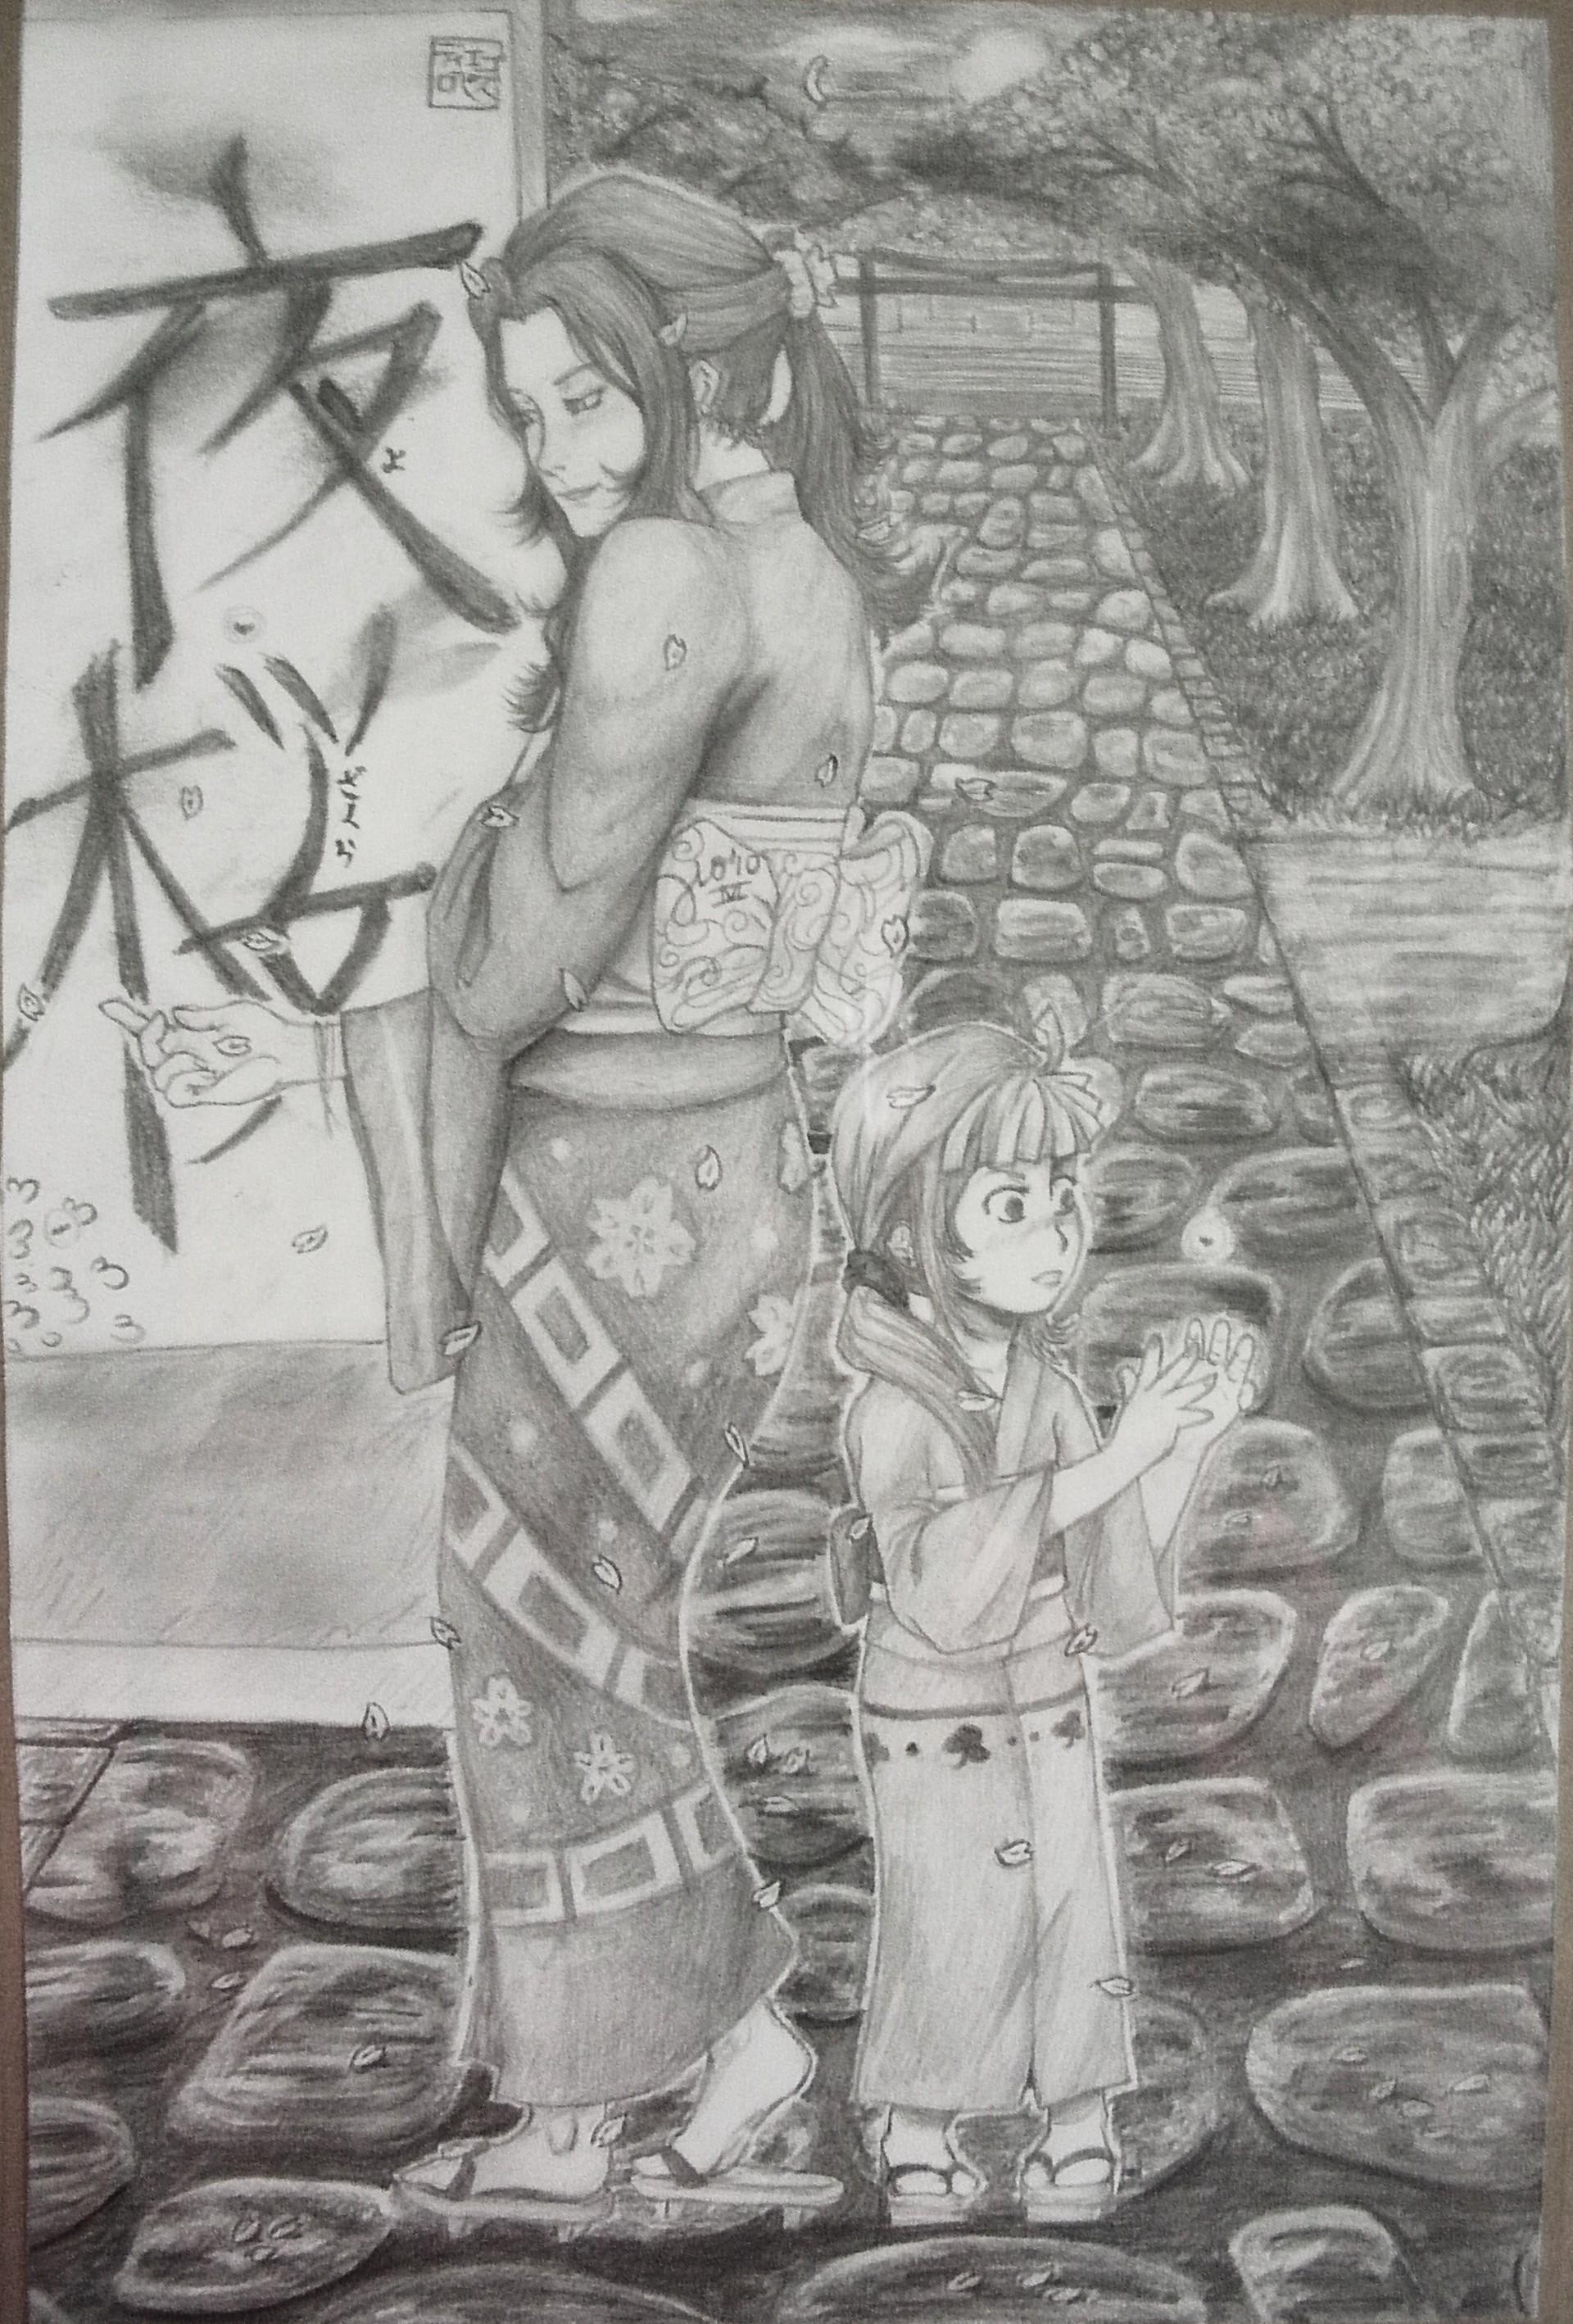 Diego sebastian reid lopez yozakura 10